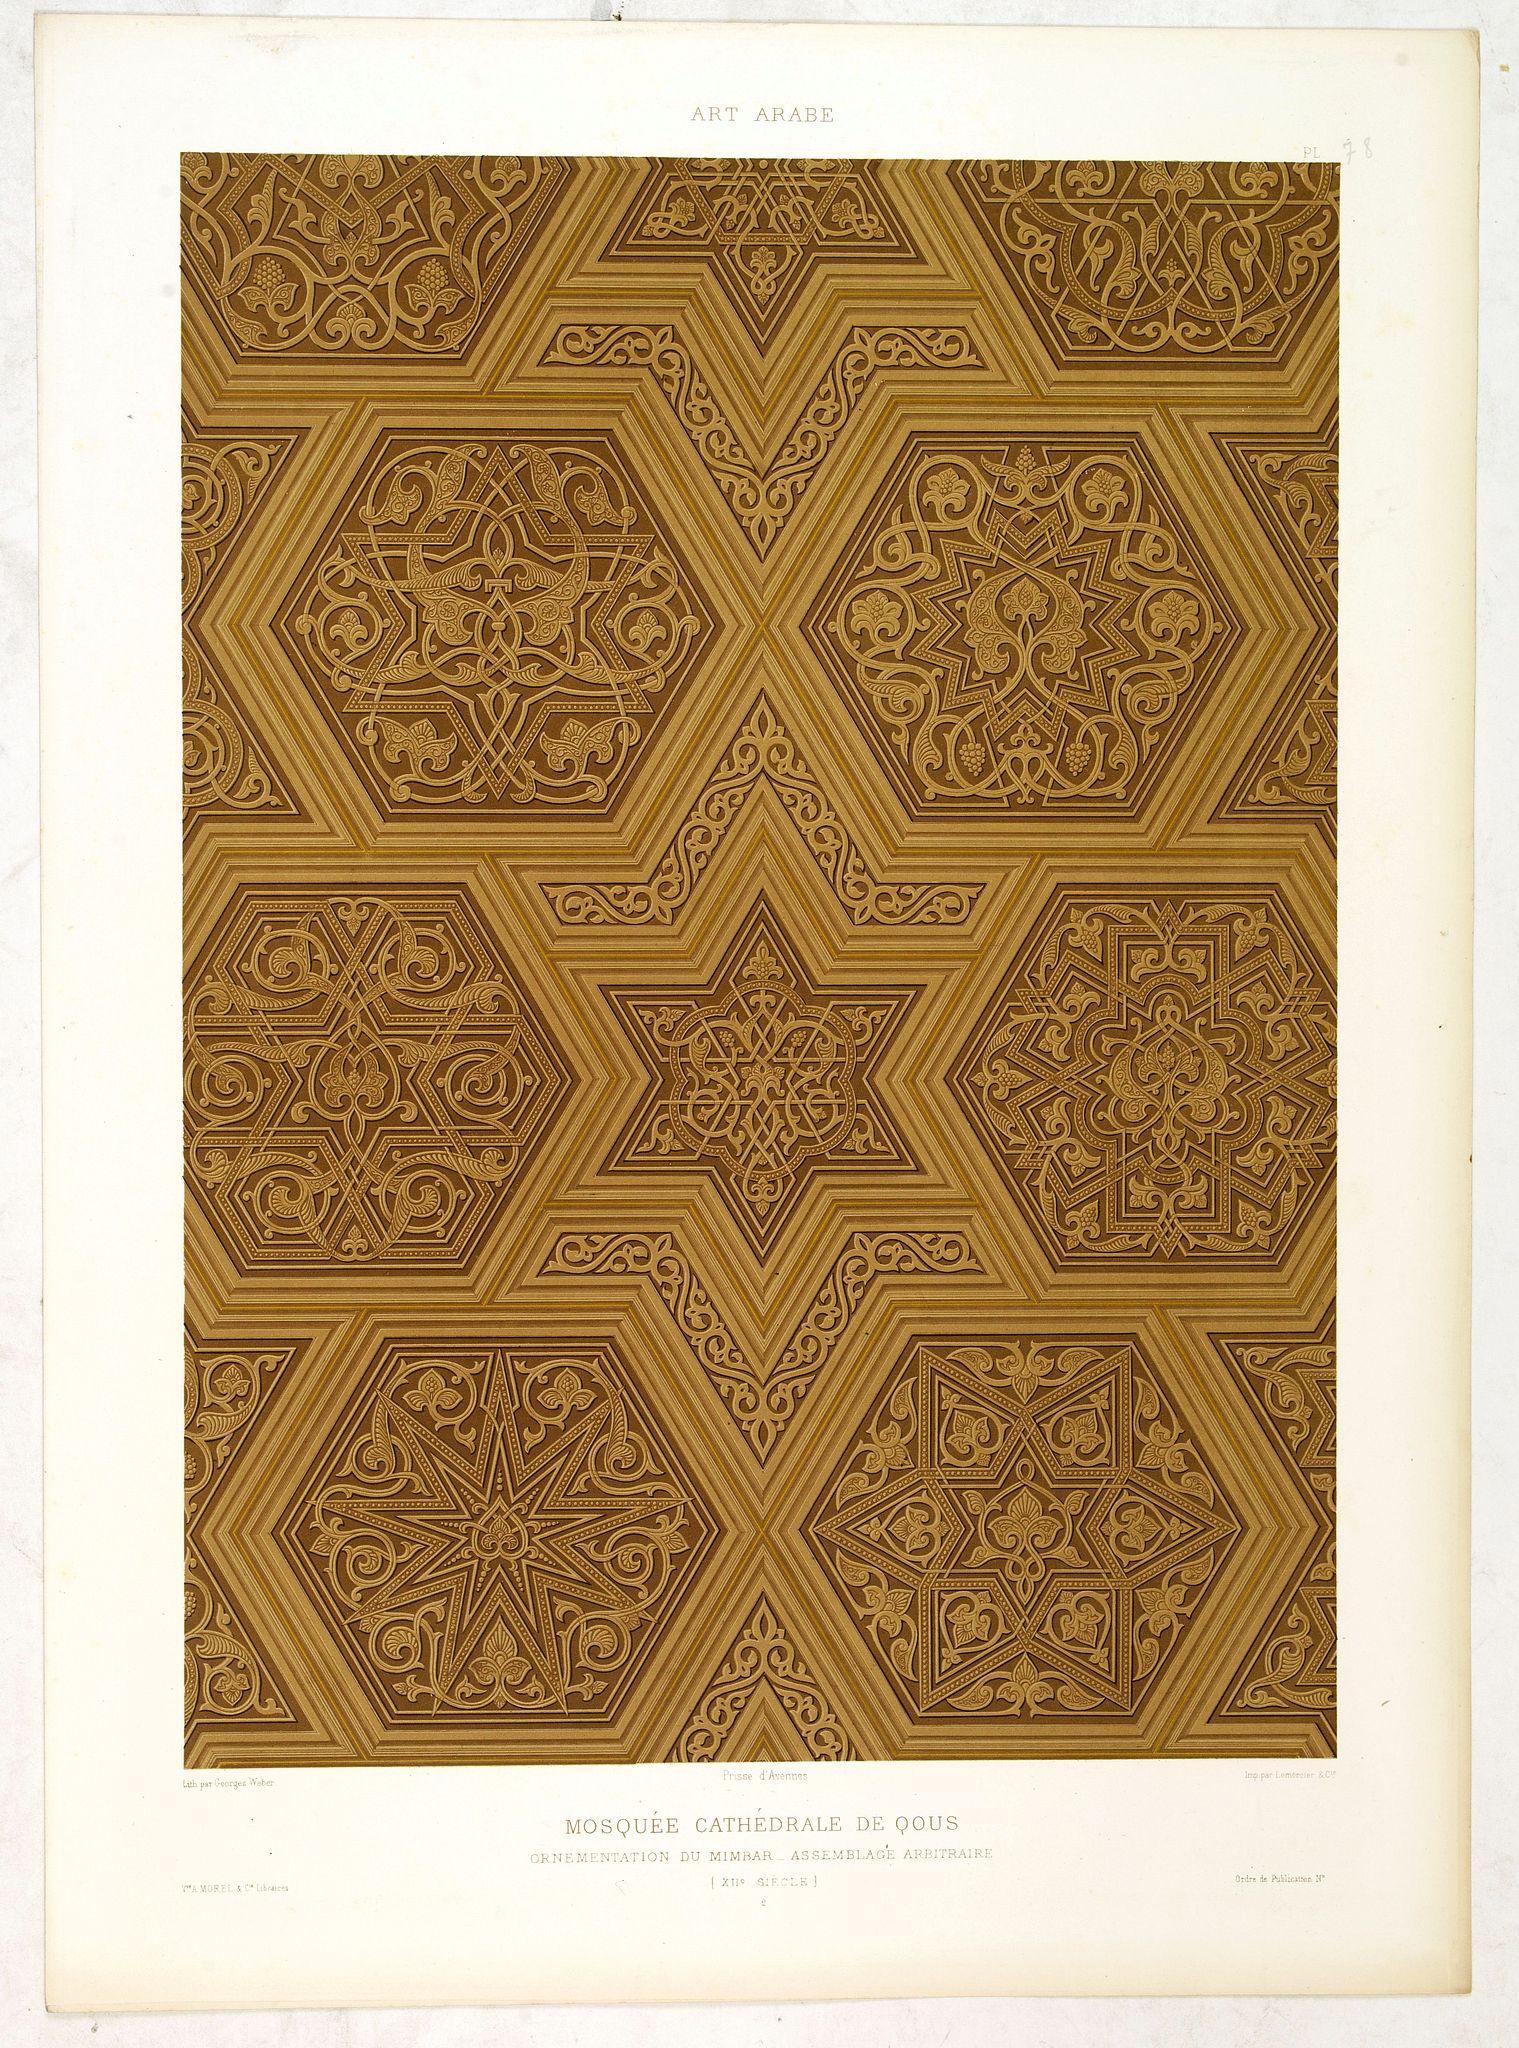 PRISSE D'AVENNES, E. -  Art arabe. - Mosquée cathédrale de qous ornementation du Mimbar. . .